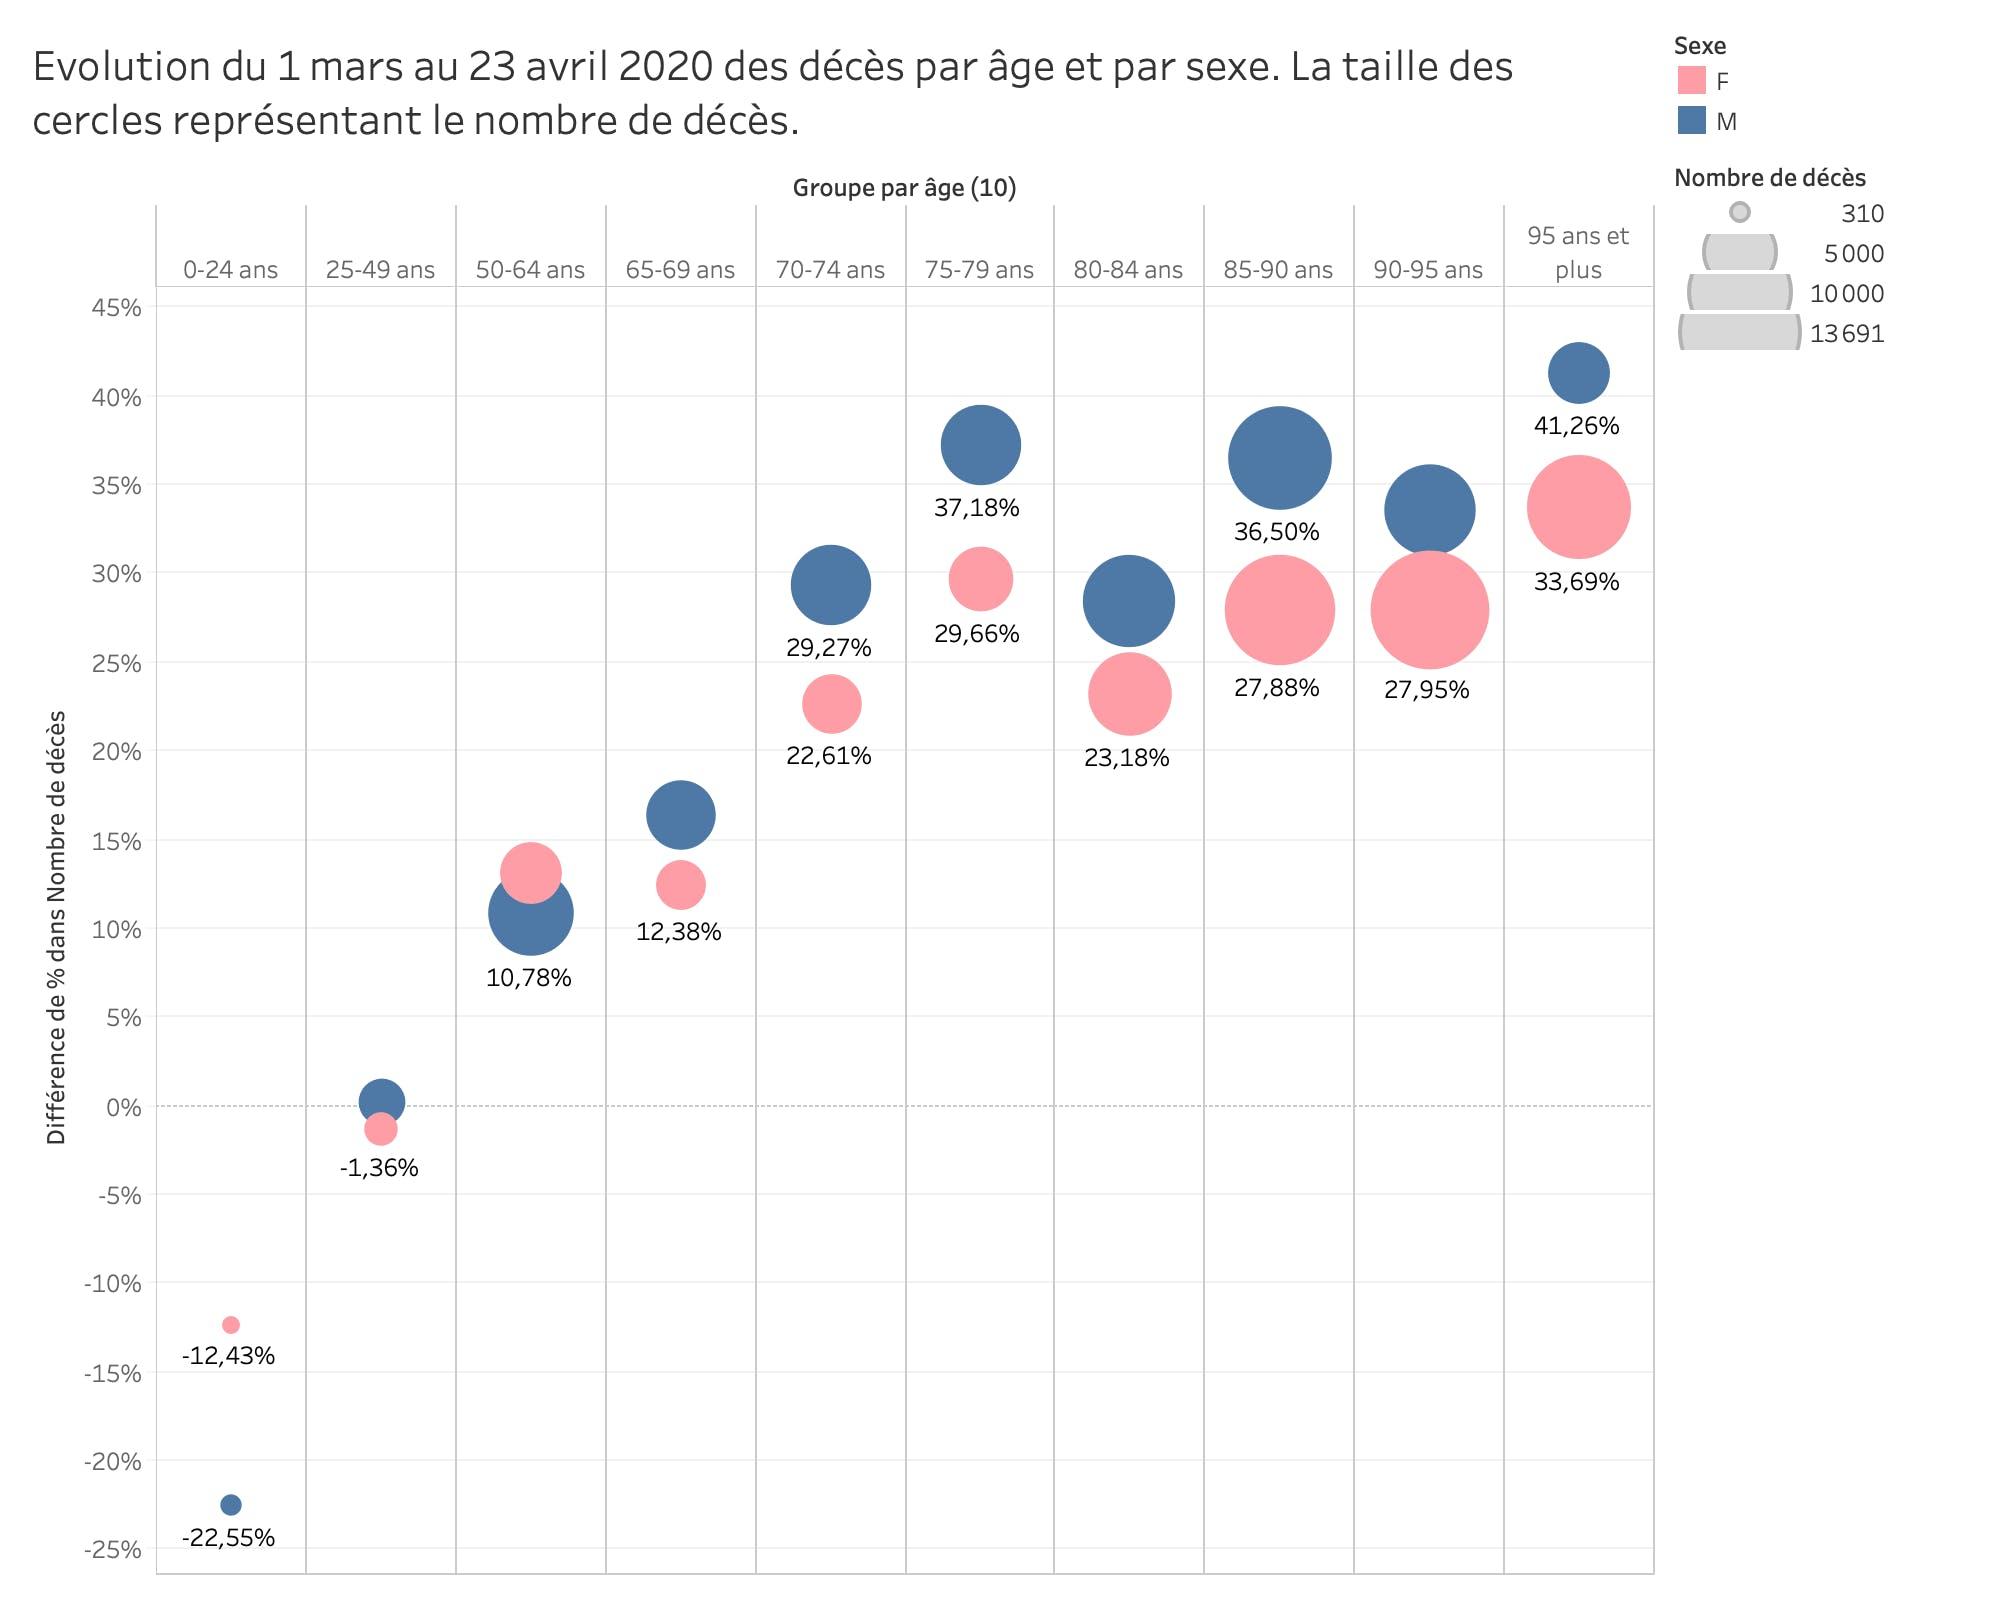 Evolution du 1 mars au 23 avril 2020 des décès par âge et par sexe. La taille des cercles représentant le nombre de décès.